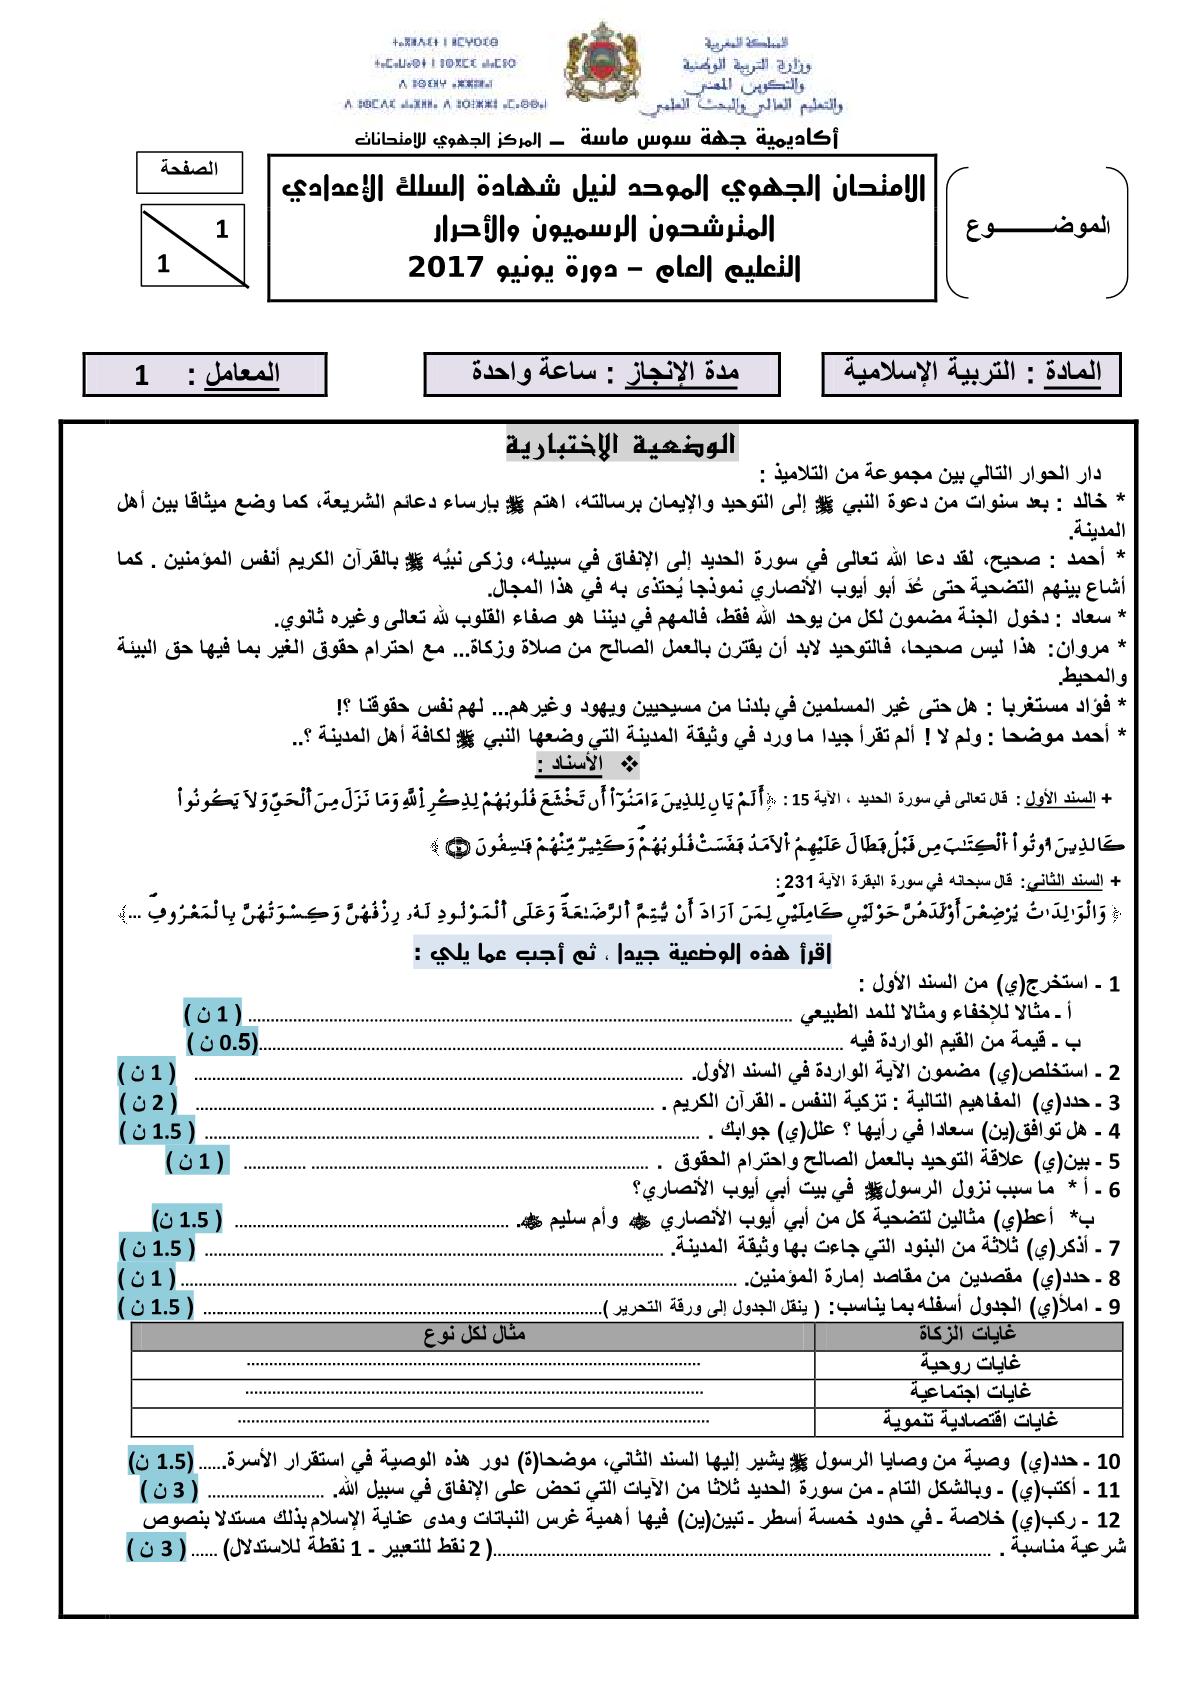 الإمتحان الجهوي في التربية الإسلامية 2017 جهة سوس ماسة